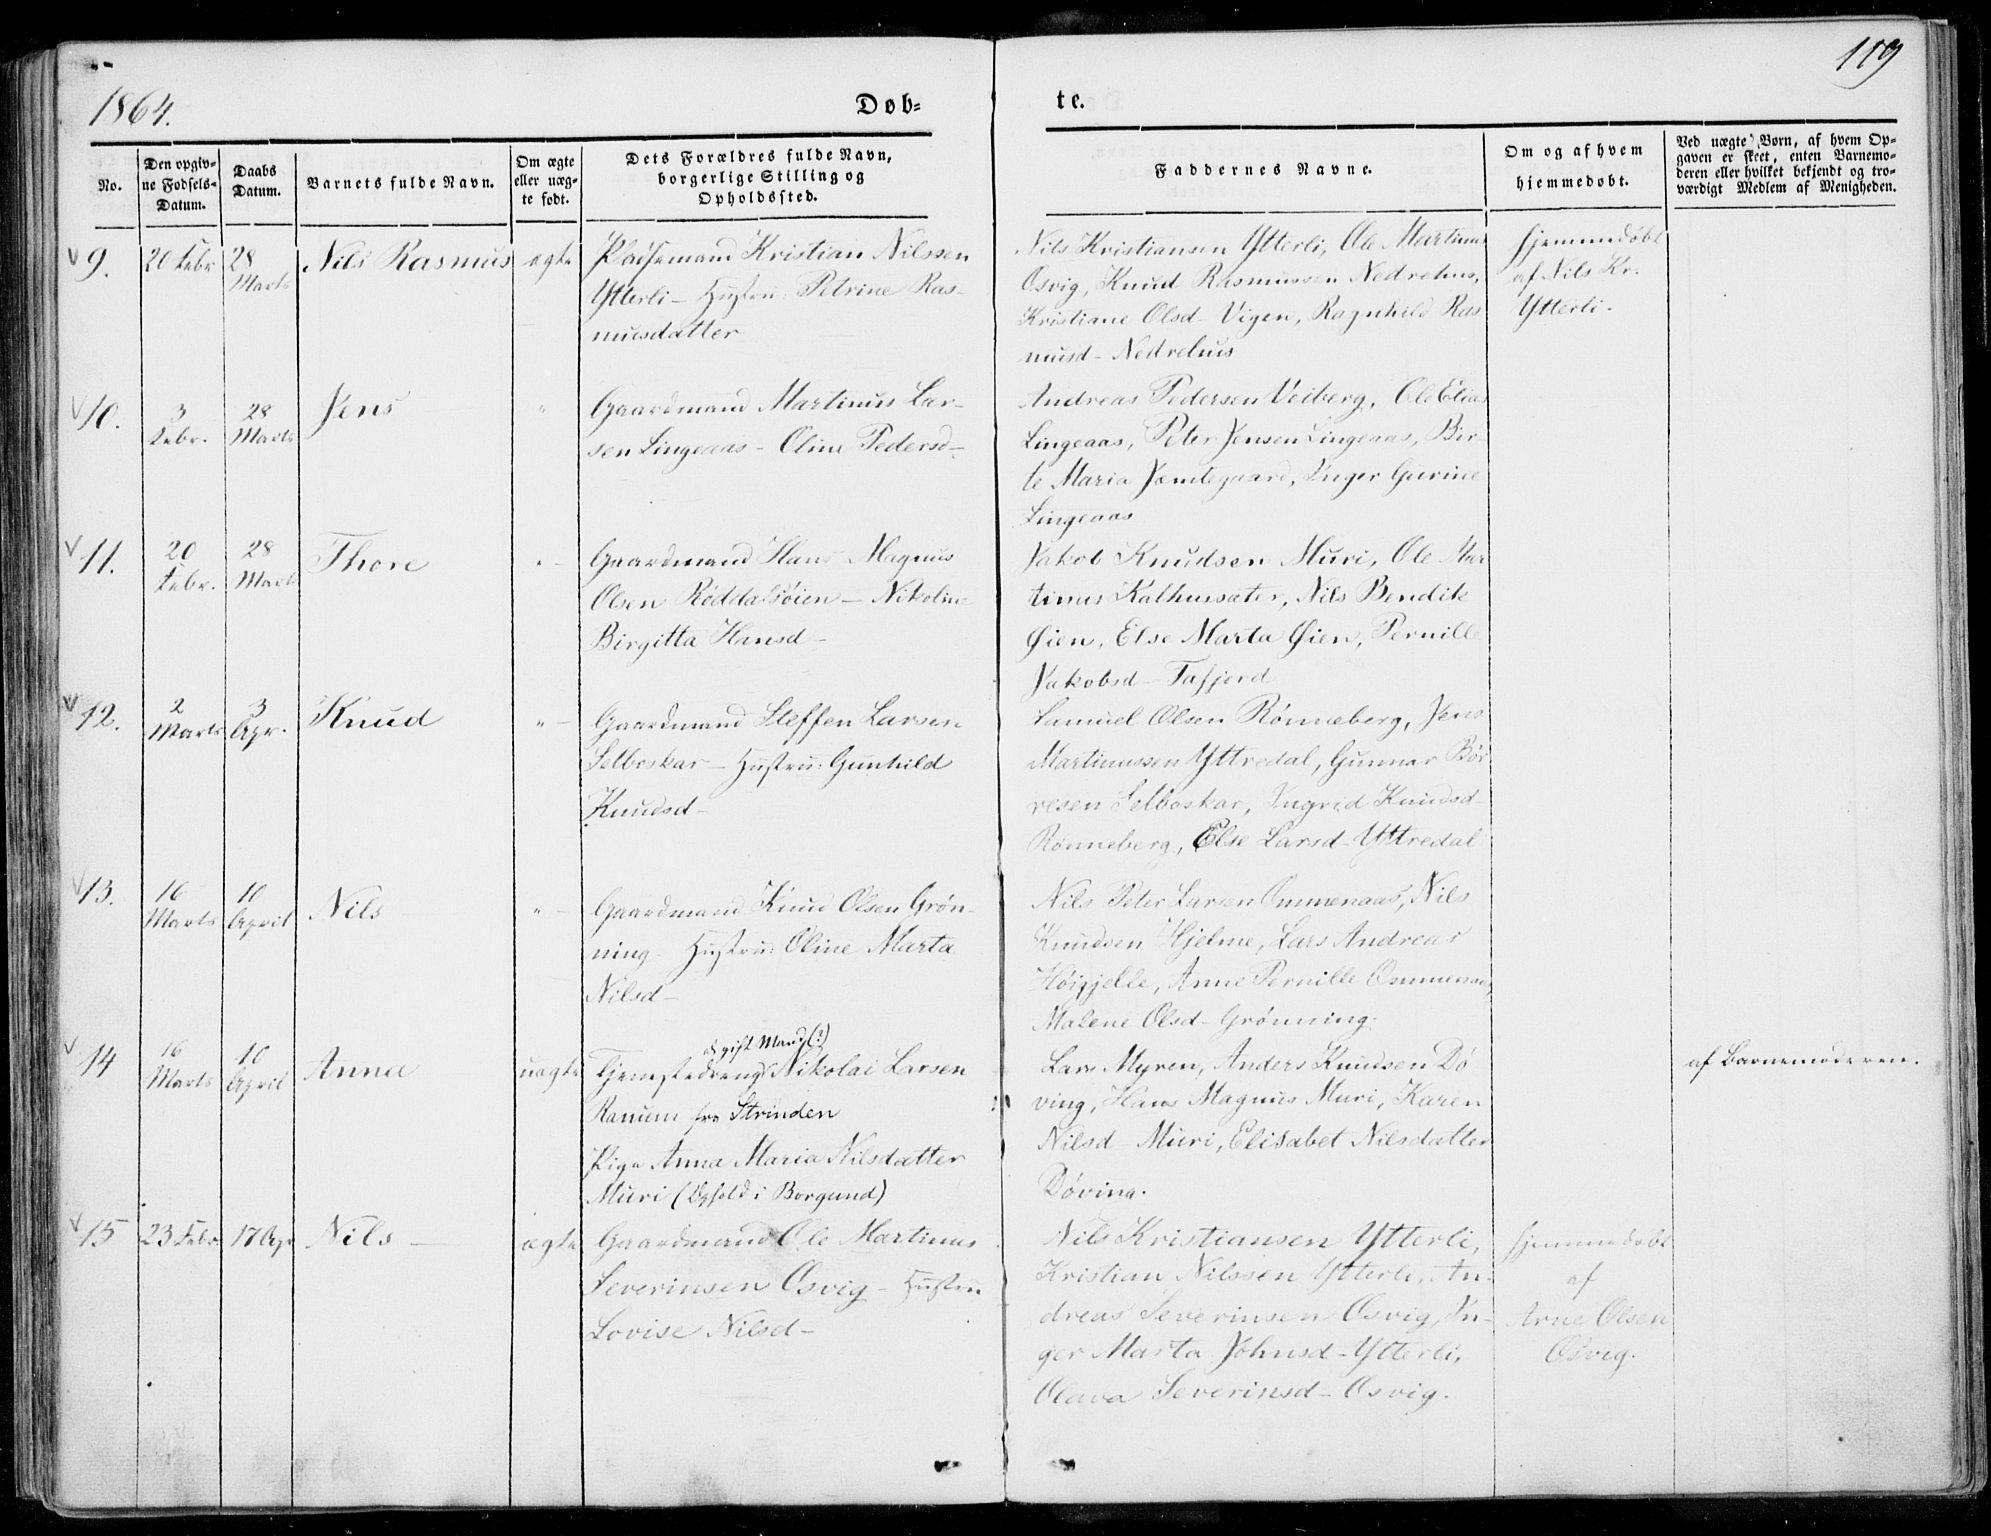 SAT, Ministerialprotokoller, klokkerbøker og fødselsregistre - Møre og Romsdal, 519/L0249: Ministerialbok nr. 519A08, 1846-1868, s. 119